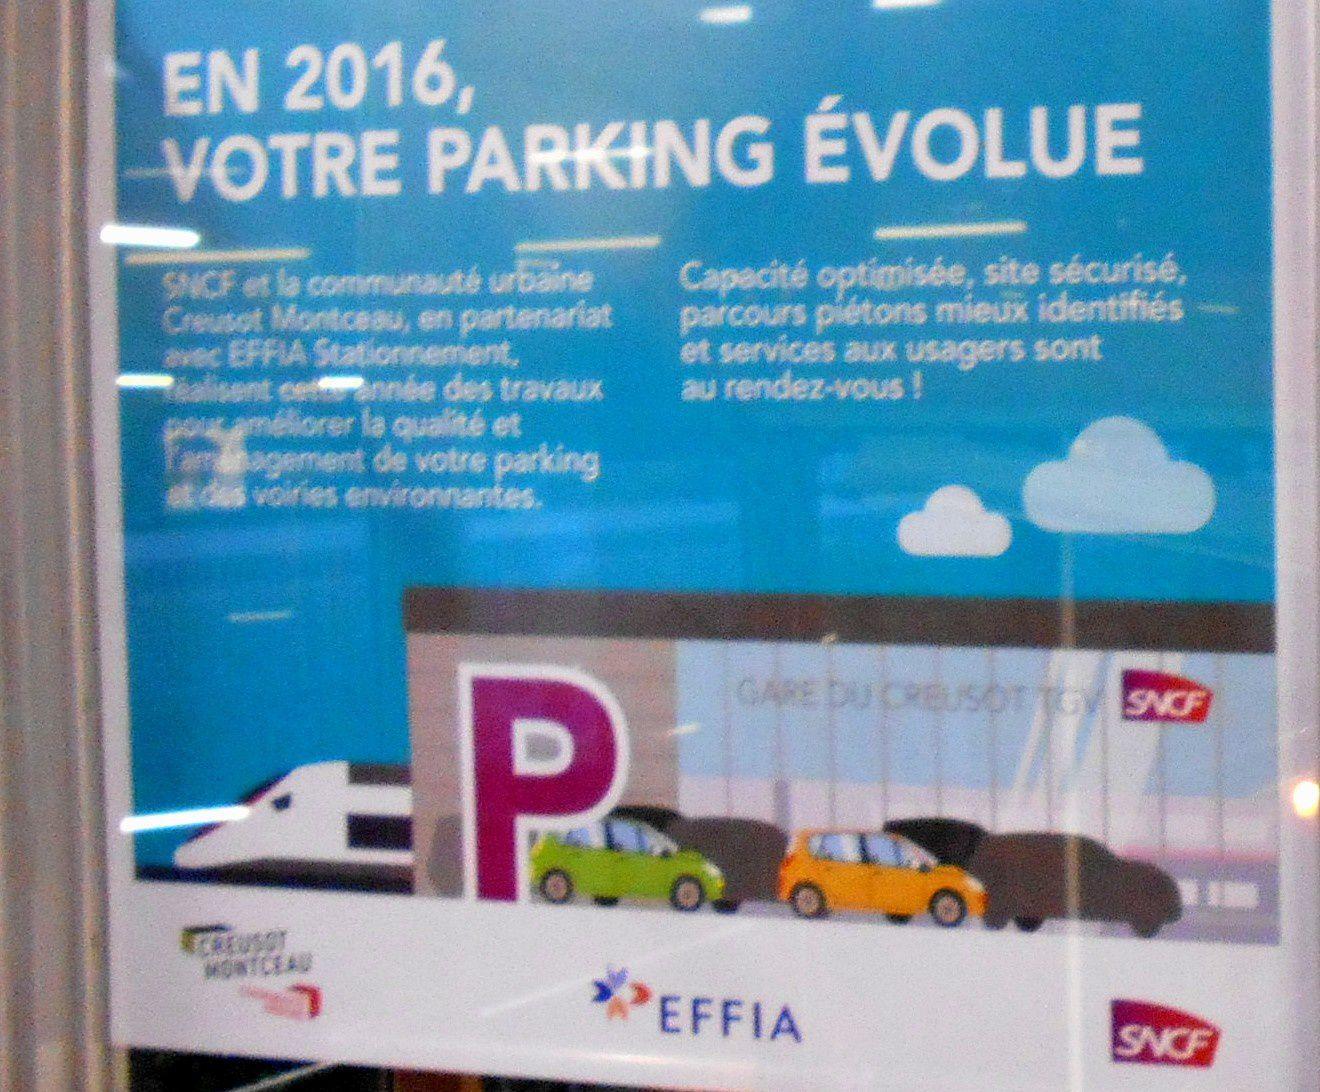 Ils osent appeler ça UNE ÉVOLUTION DES MODALITÉS DE GESTION : le parking payant de la gare TGV